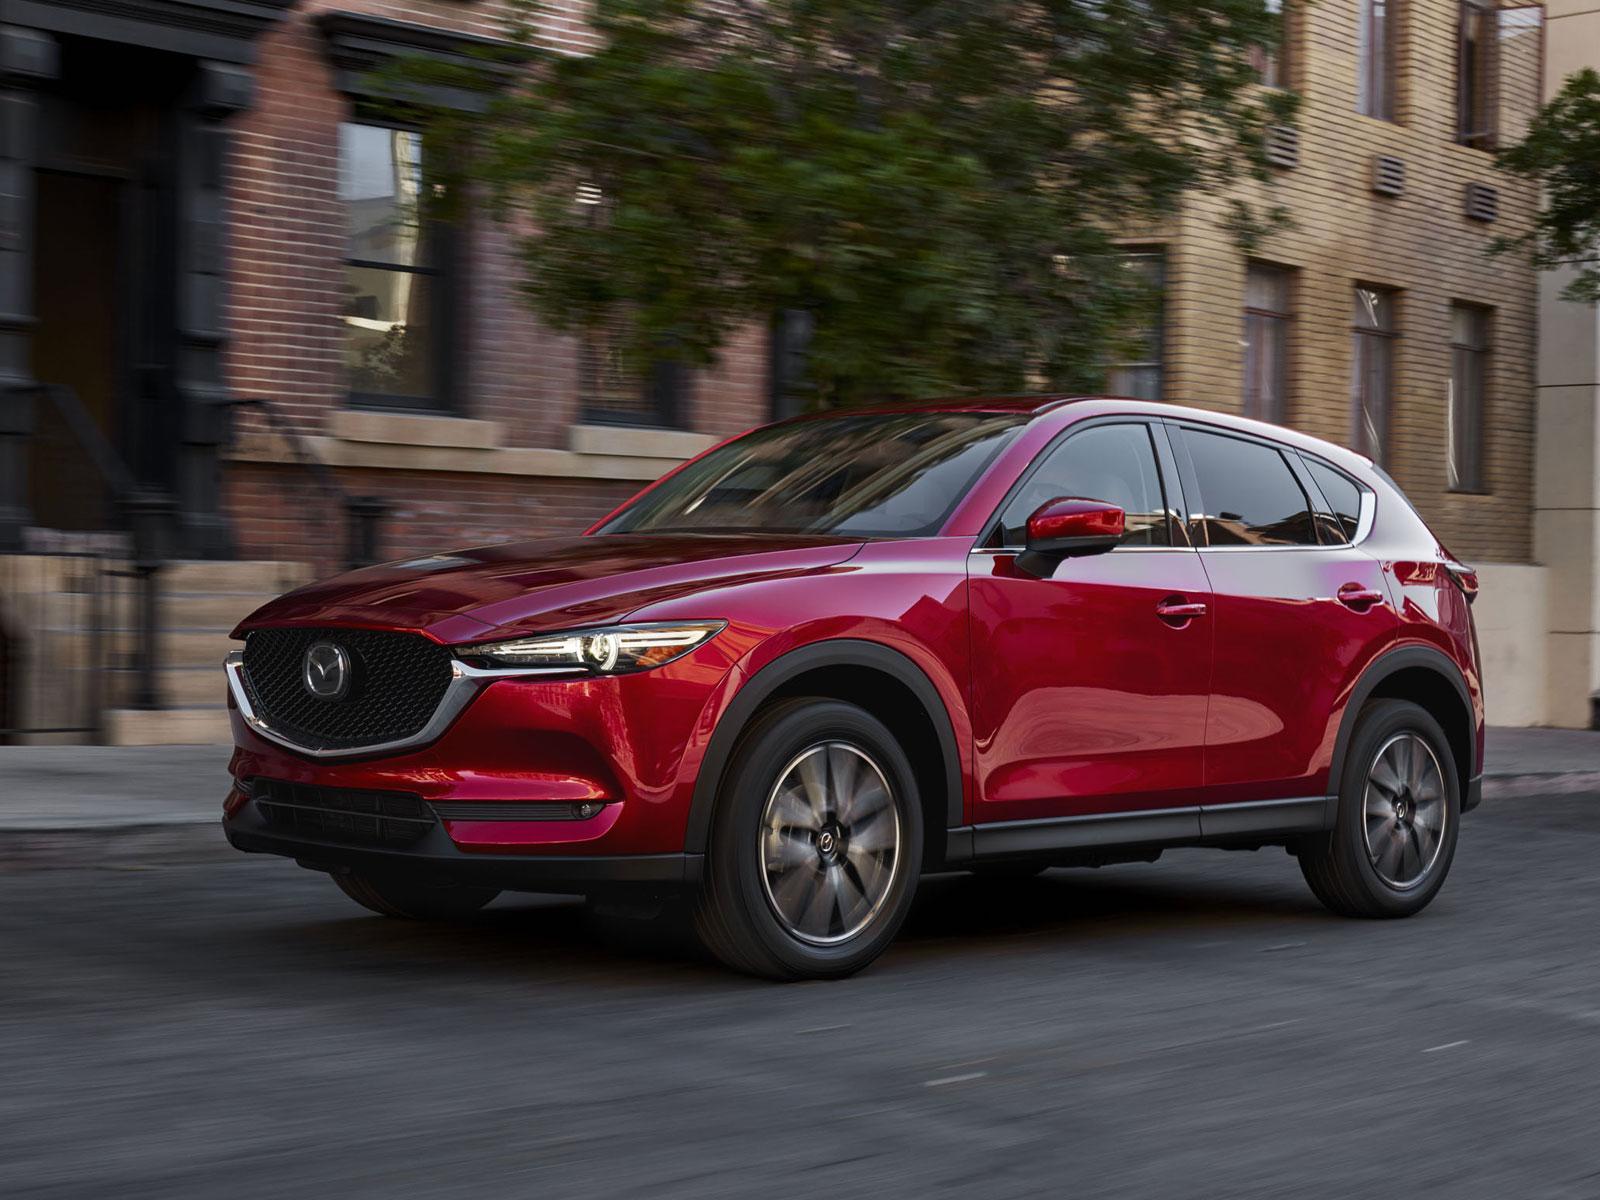 Mazda cx 3 facelift for Magna motors mazda volvo evansville in